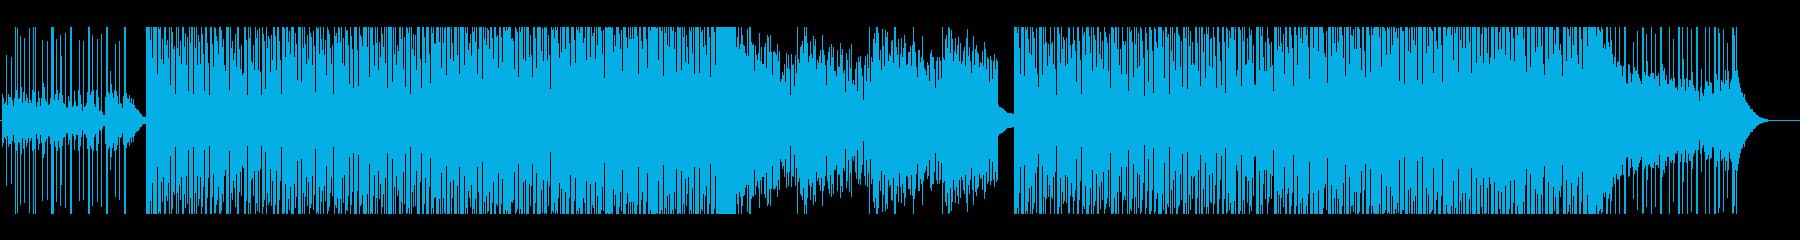 インド感満載曲の再生済みの波形